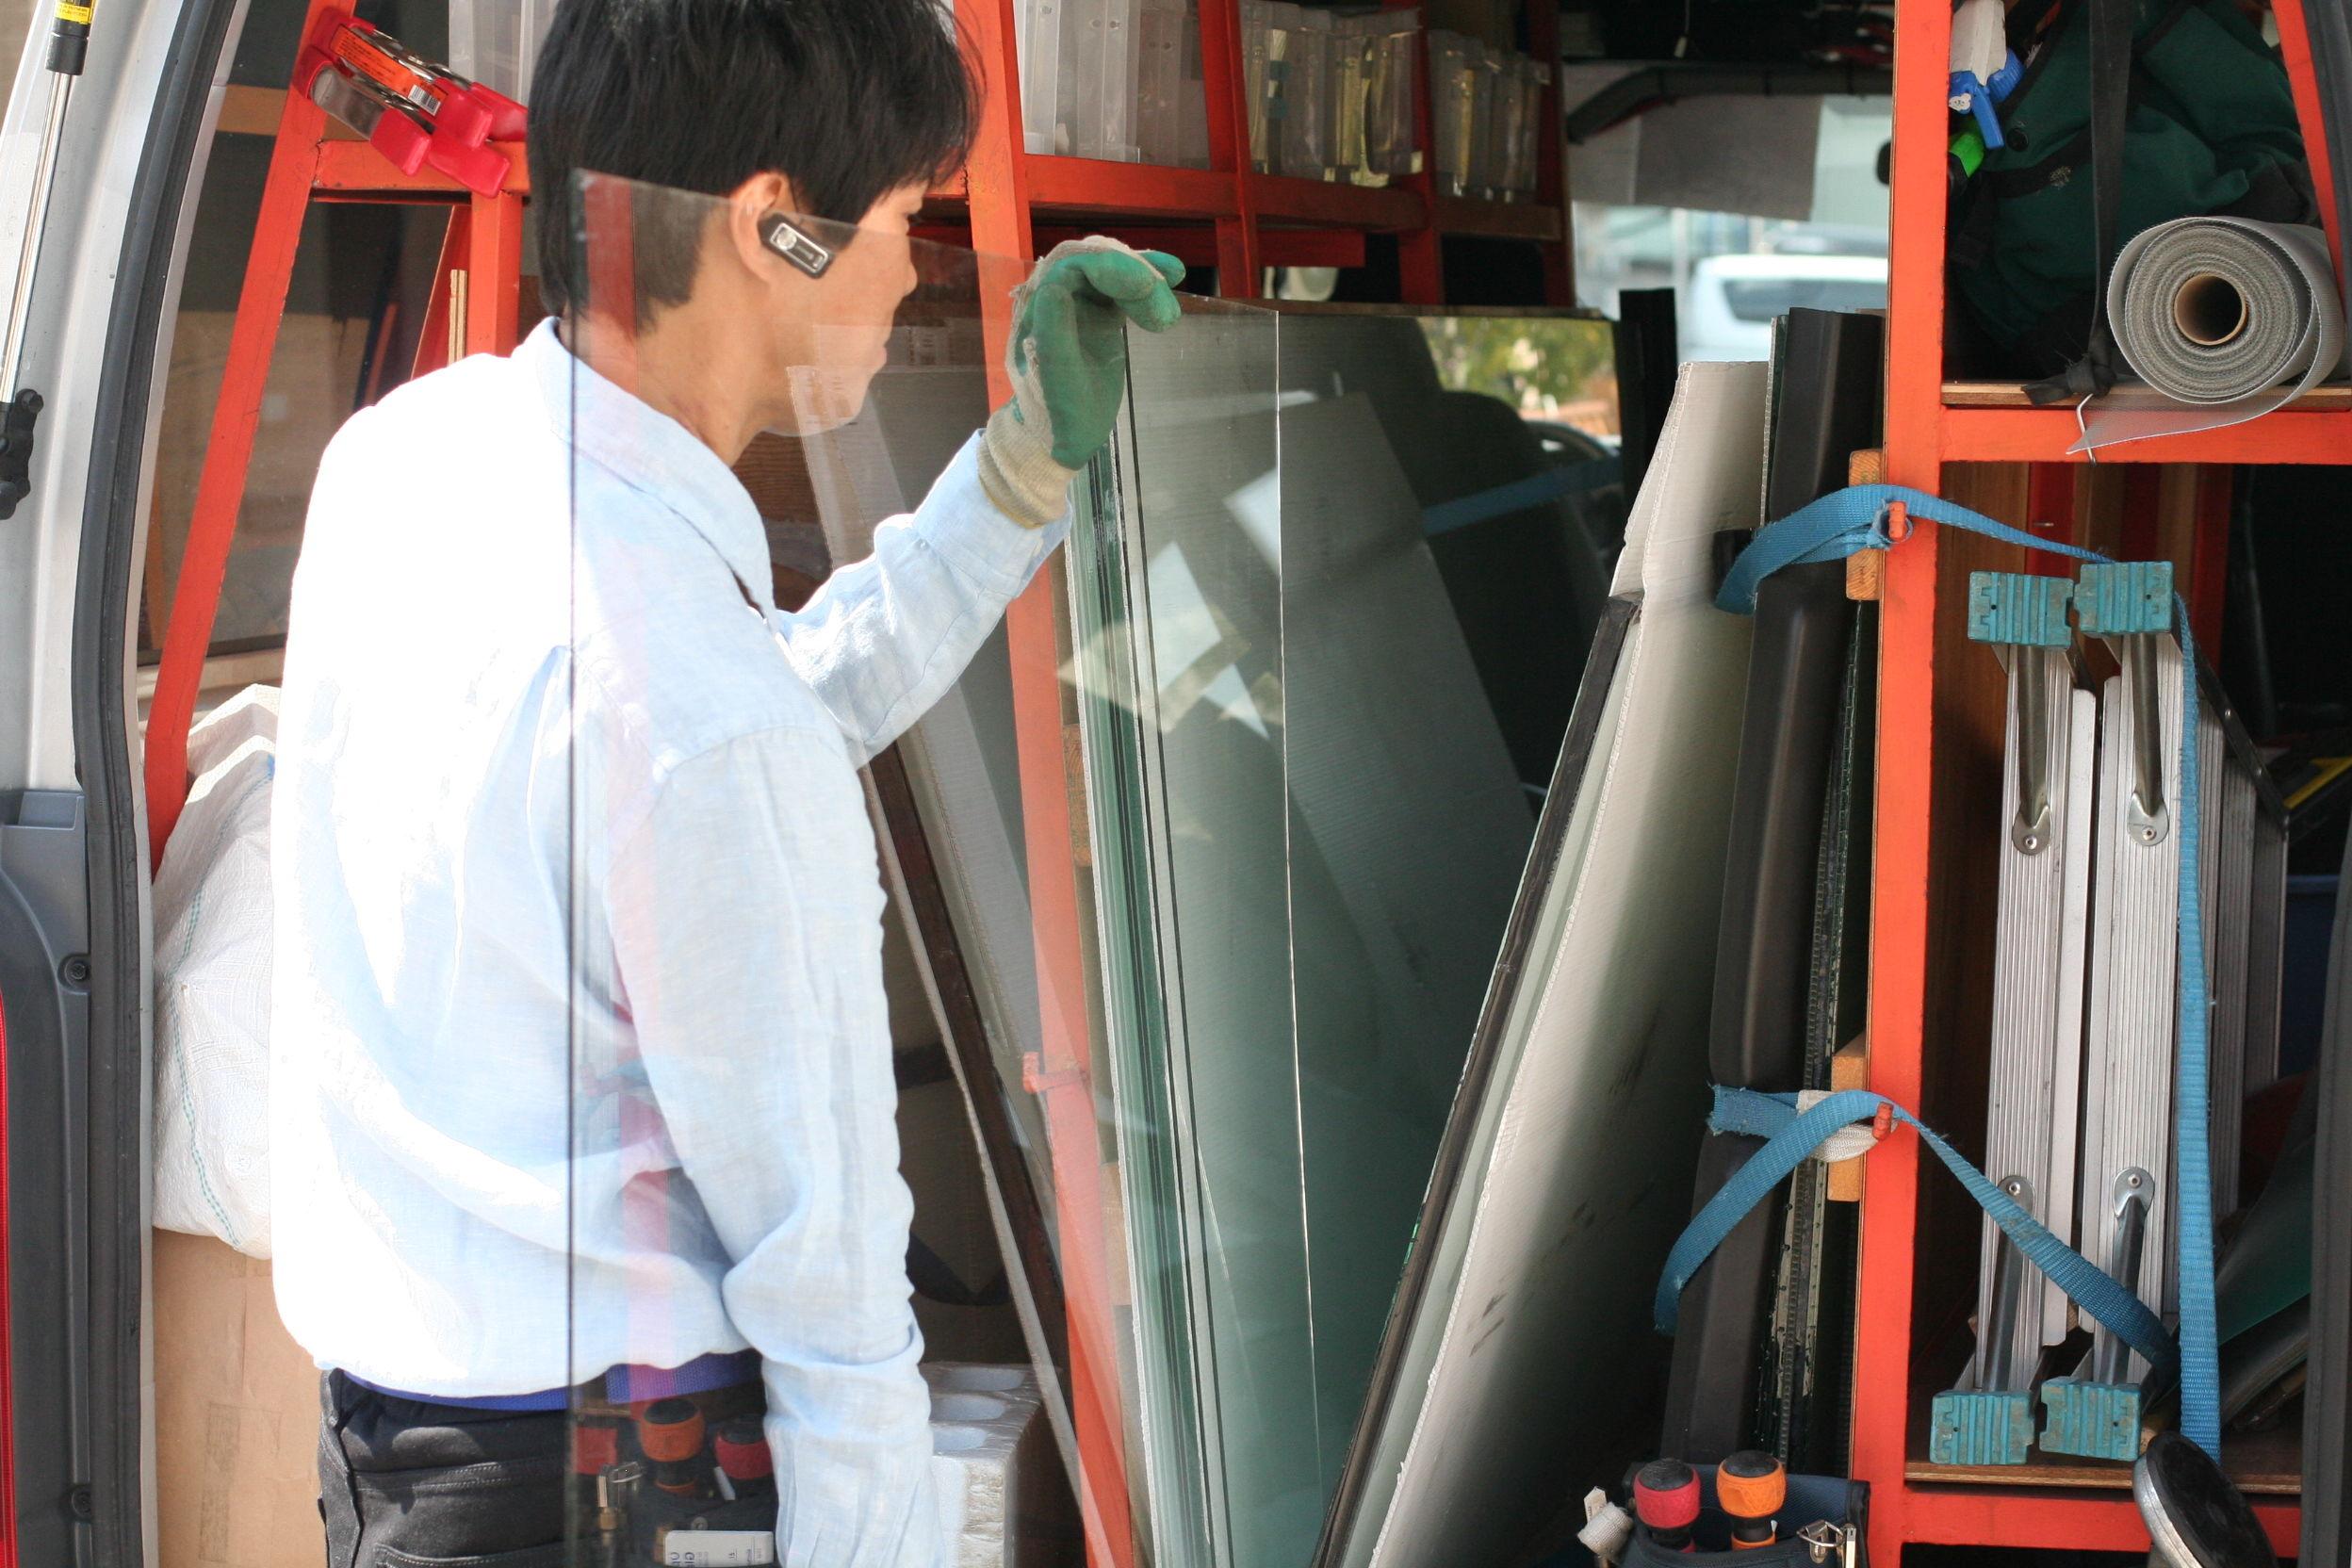 ガラスのトラブル救Q隊.24【堺市西区 出張エリア】の店内・外観画像2